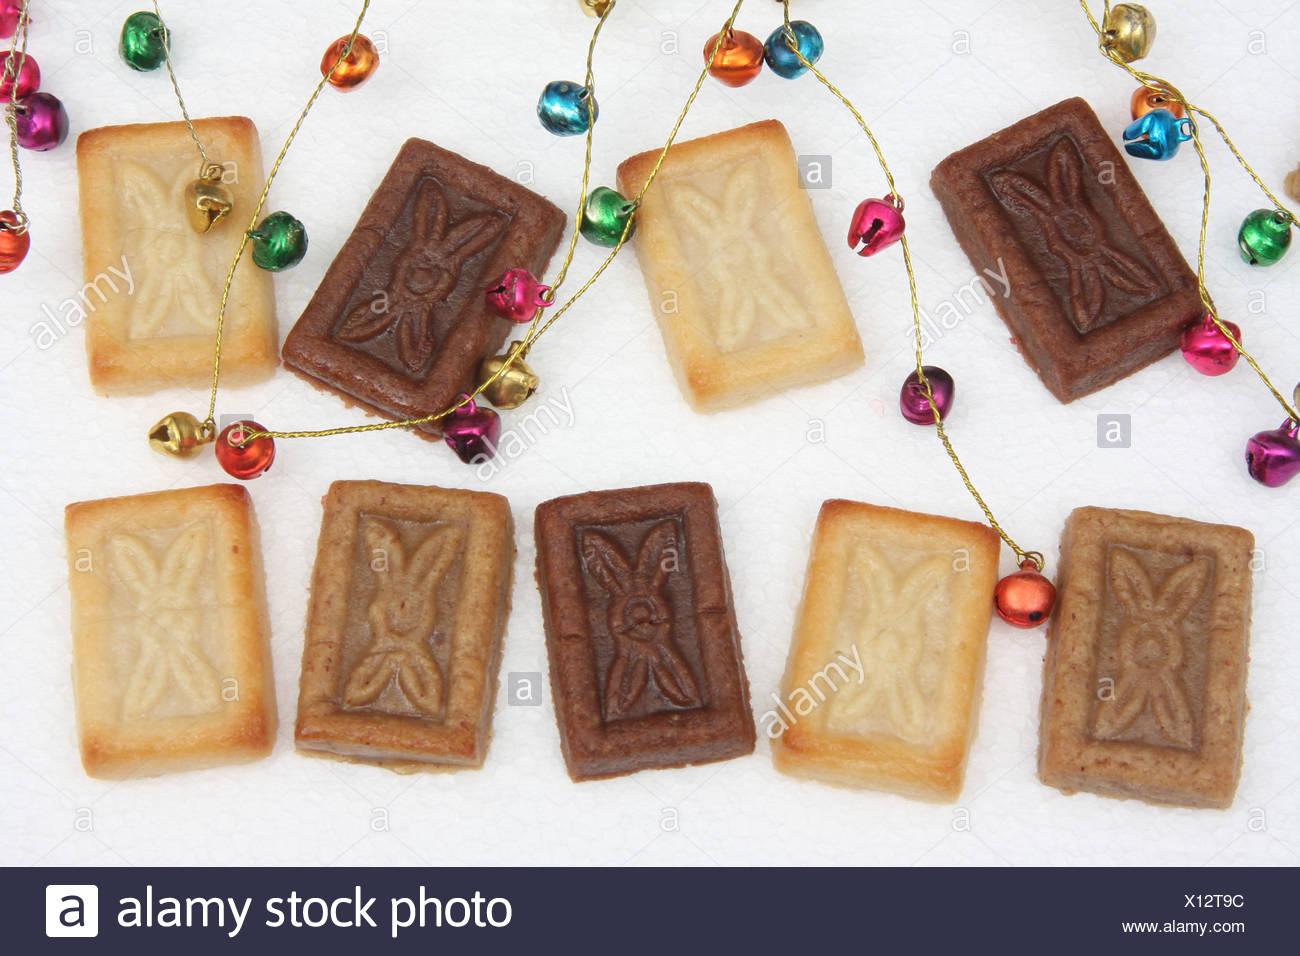 Suisse, Zurich, spécialité Leckerli, pâtisserie, gâteau, de l\u0027alimentation,  l\u0027alimentation, de l\u0027alimentation, des biscuits, cookies, Lindt et  Sprungli,